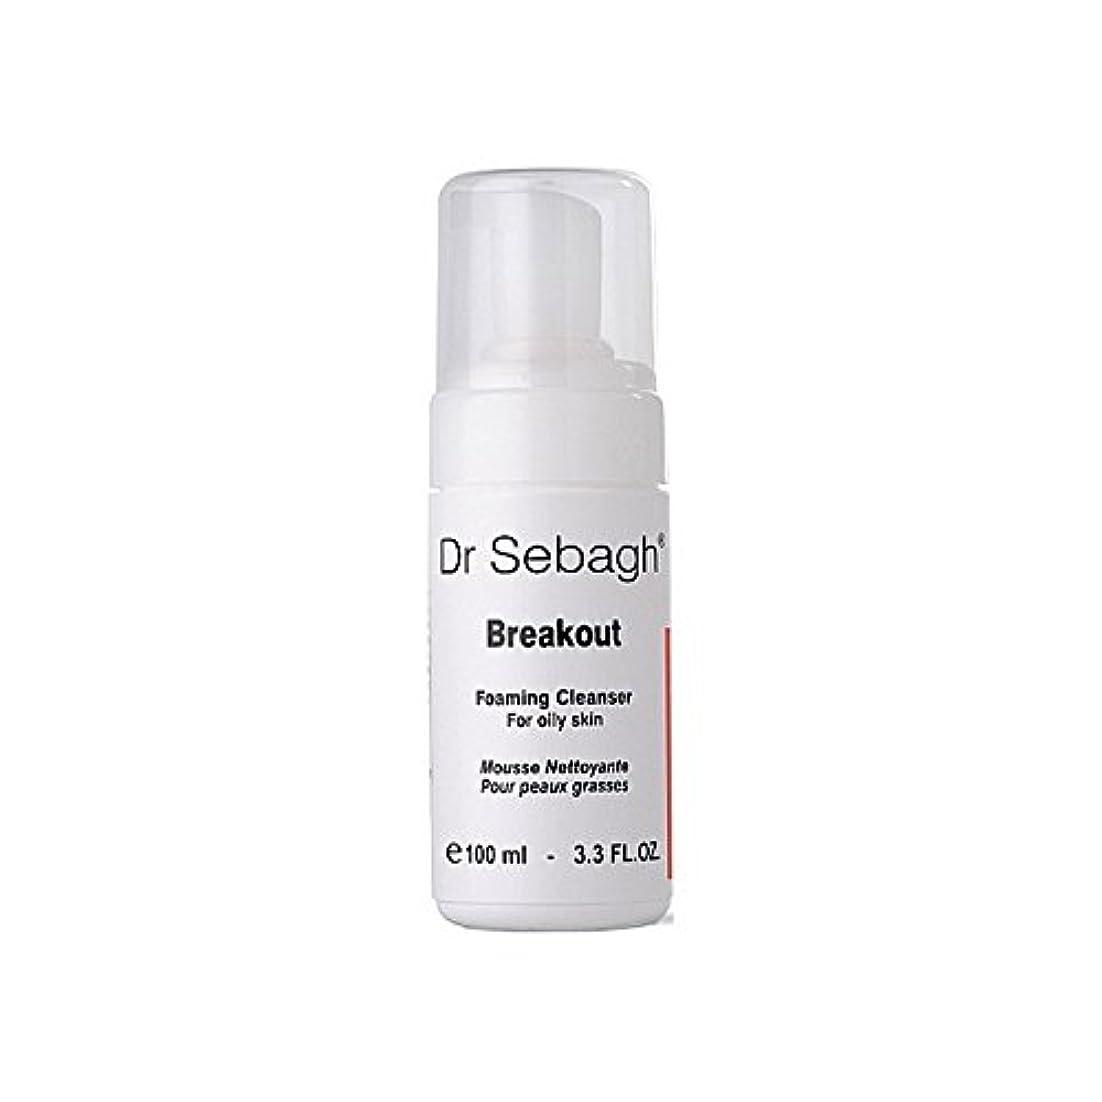 メジャー定常住人クレンザーを発泡の のブレイクアウト x4 - Dr Sebagh Breakout Foaming Cleanser (Pack of 4) [並行輸入品]